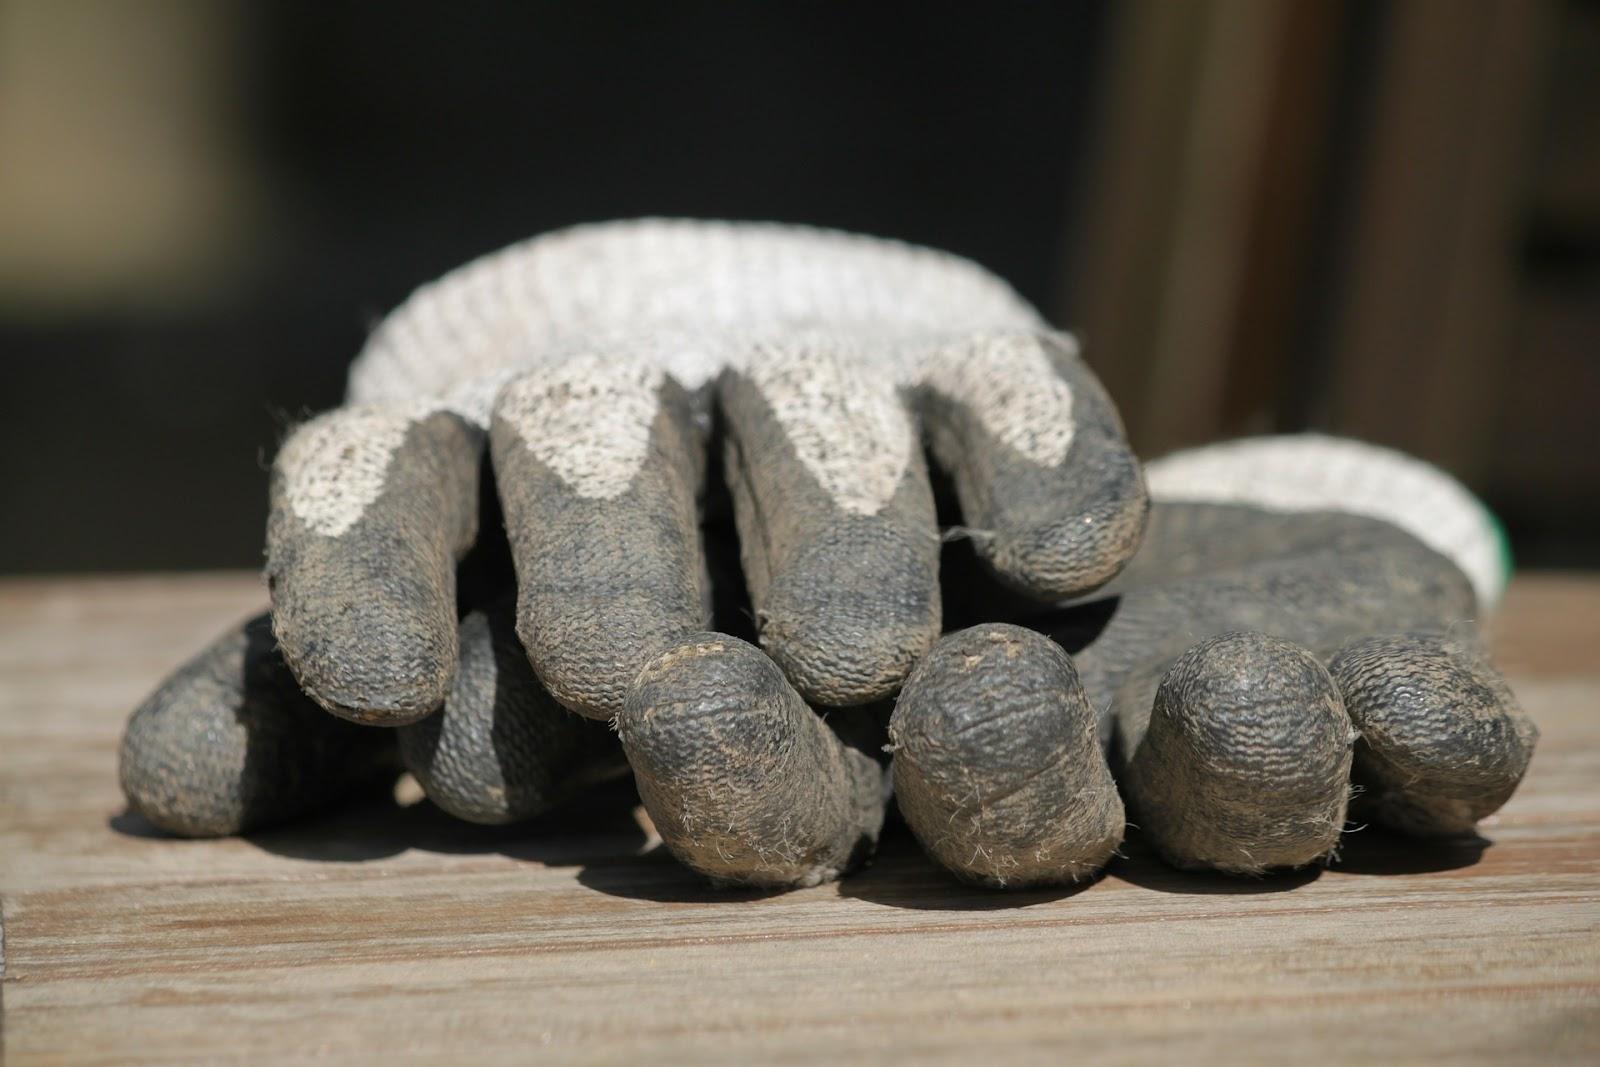 Dirty garden gloves